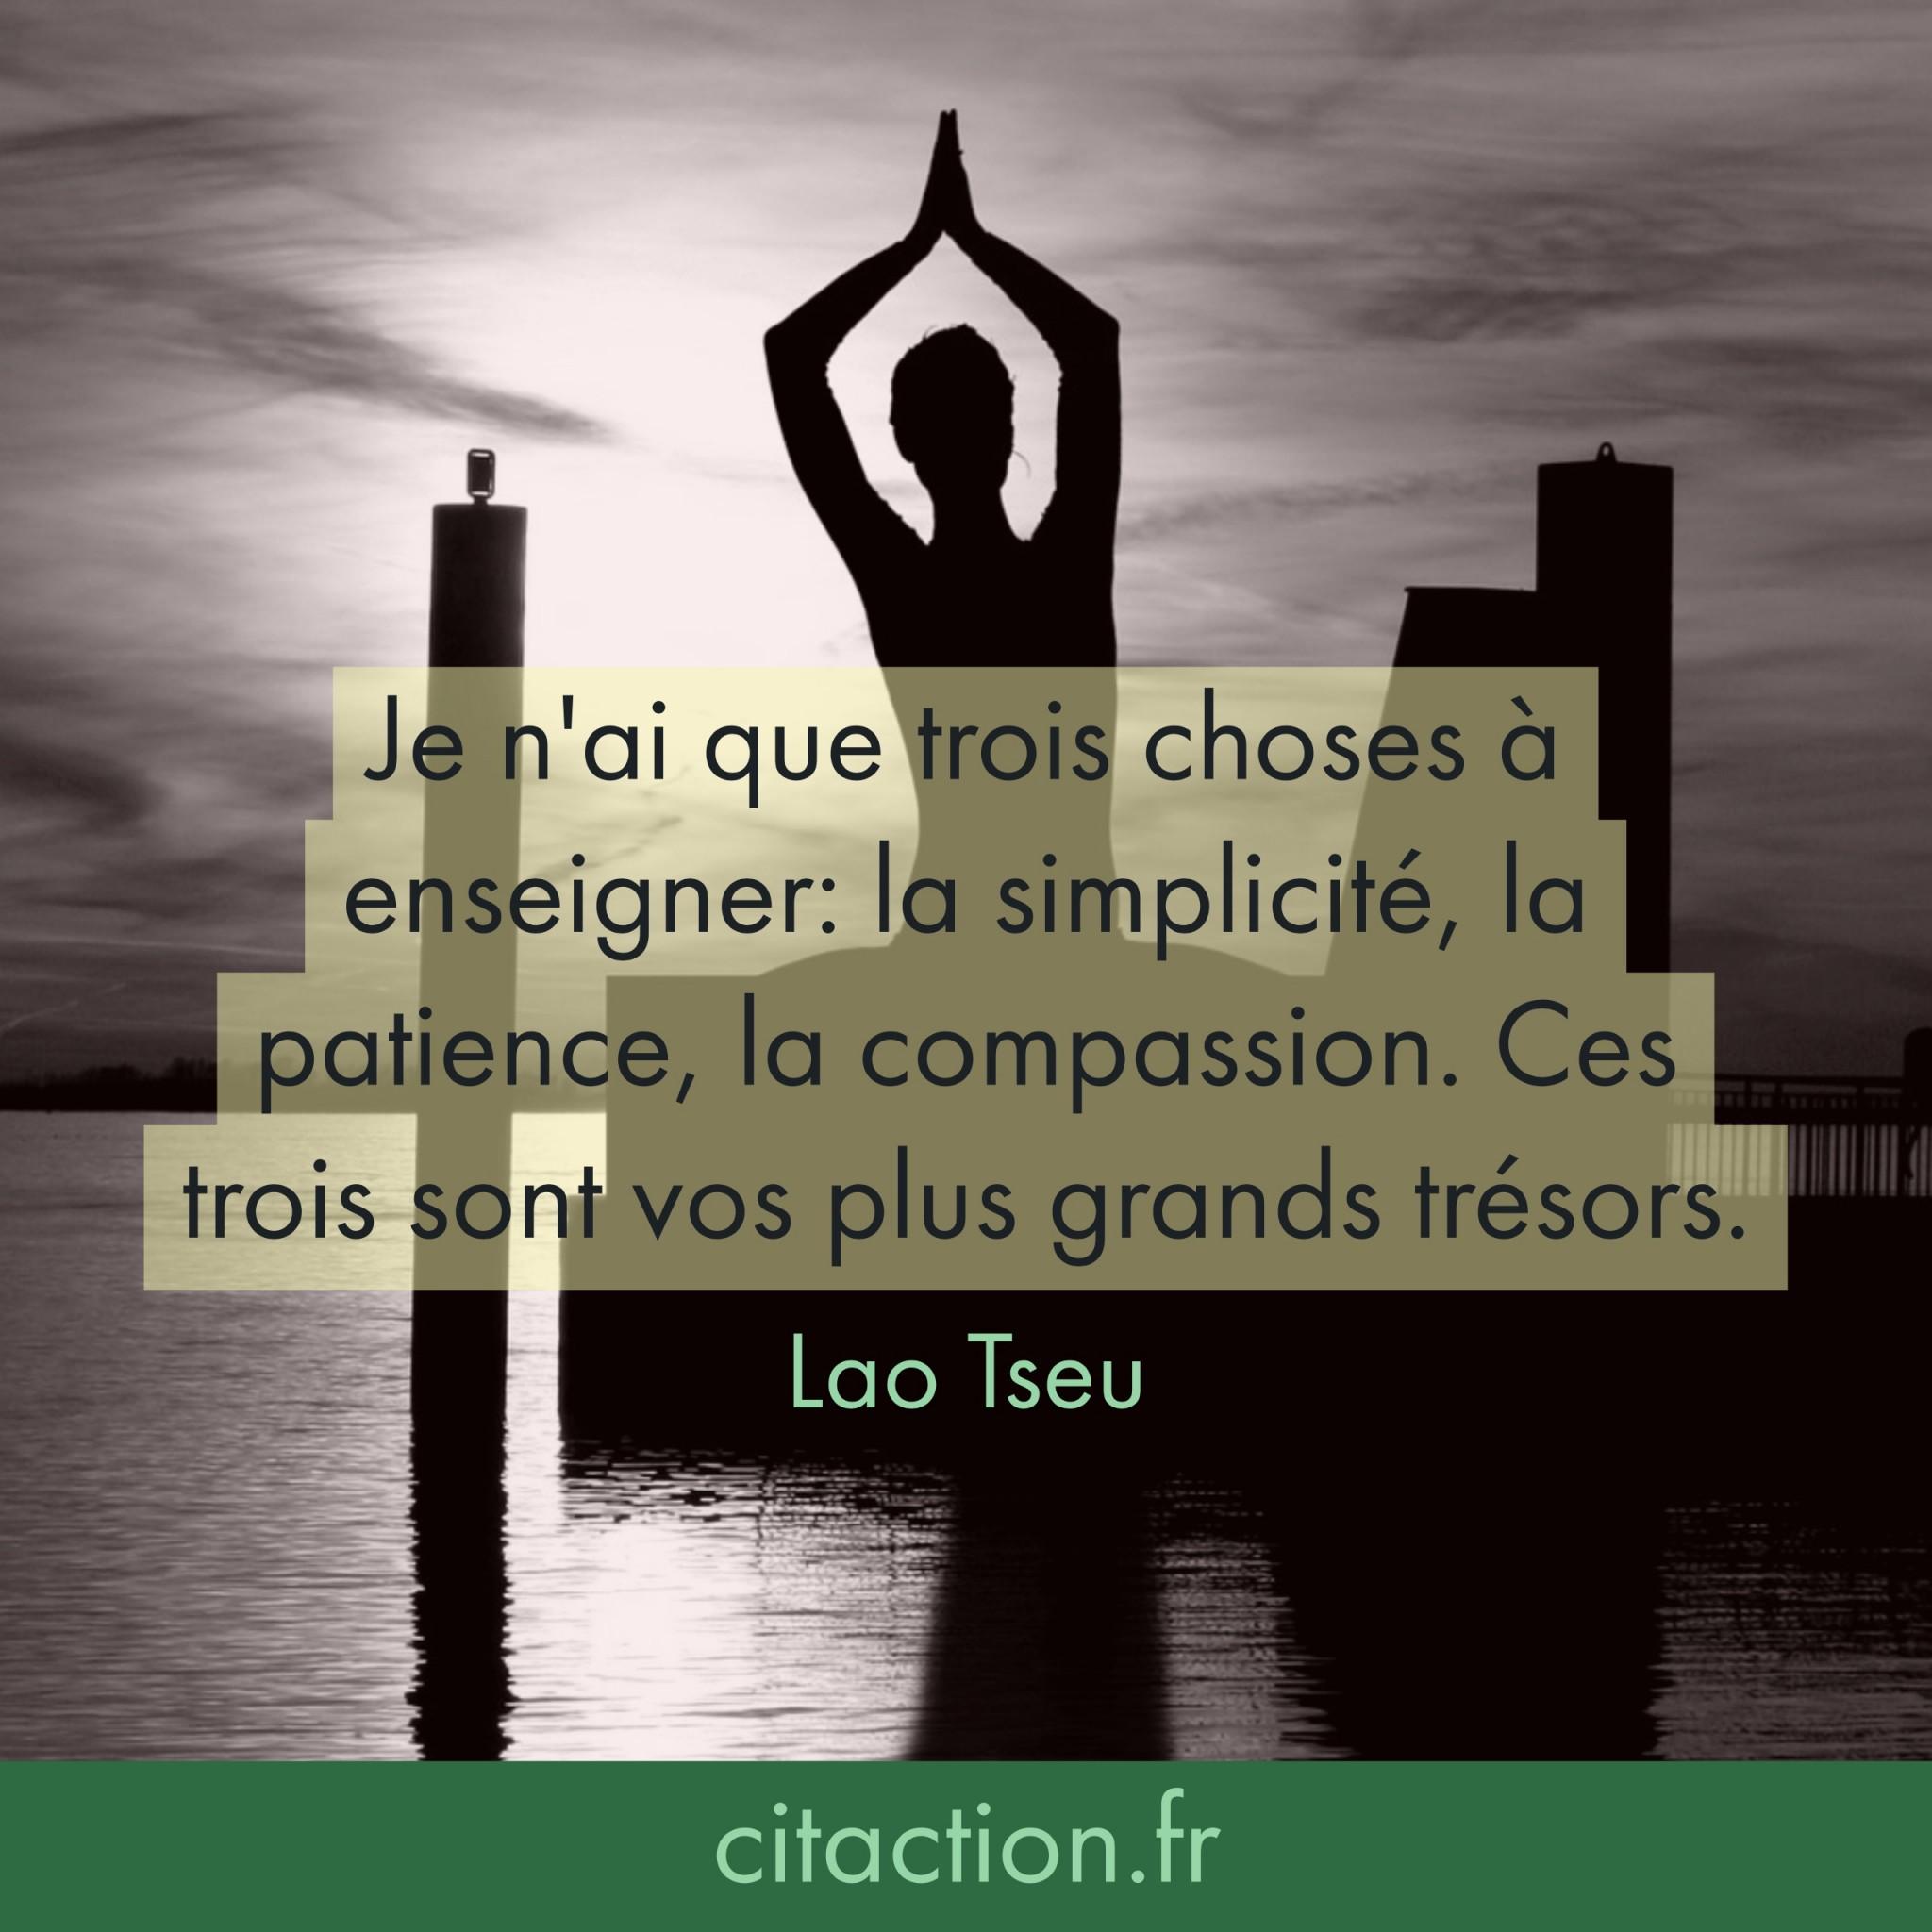 je-nai-que-trois-choses-a-enseigner-la-simplicite-la-patience-la-compassion-ces-trois-sont-vos-plus-grands-tresors